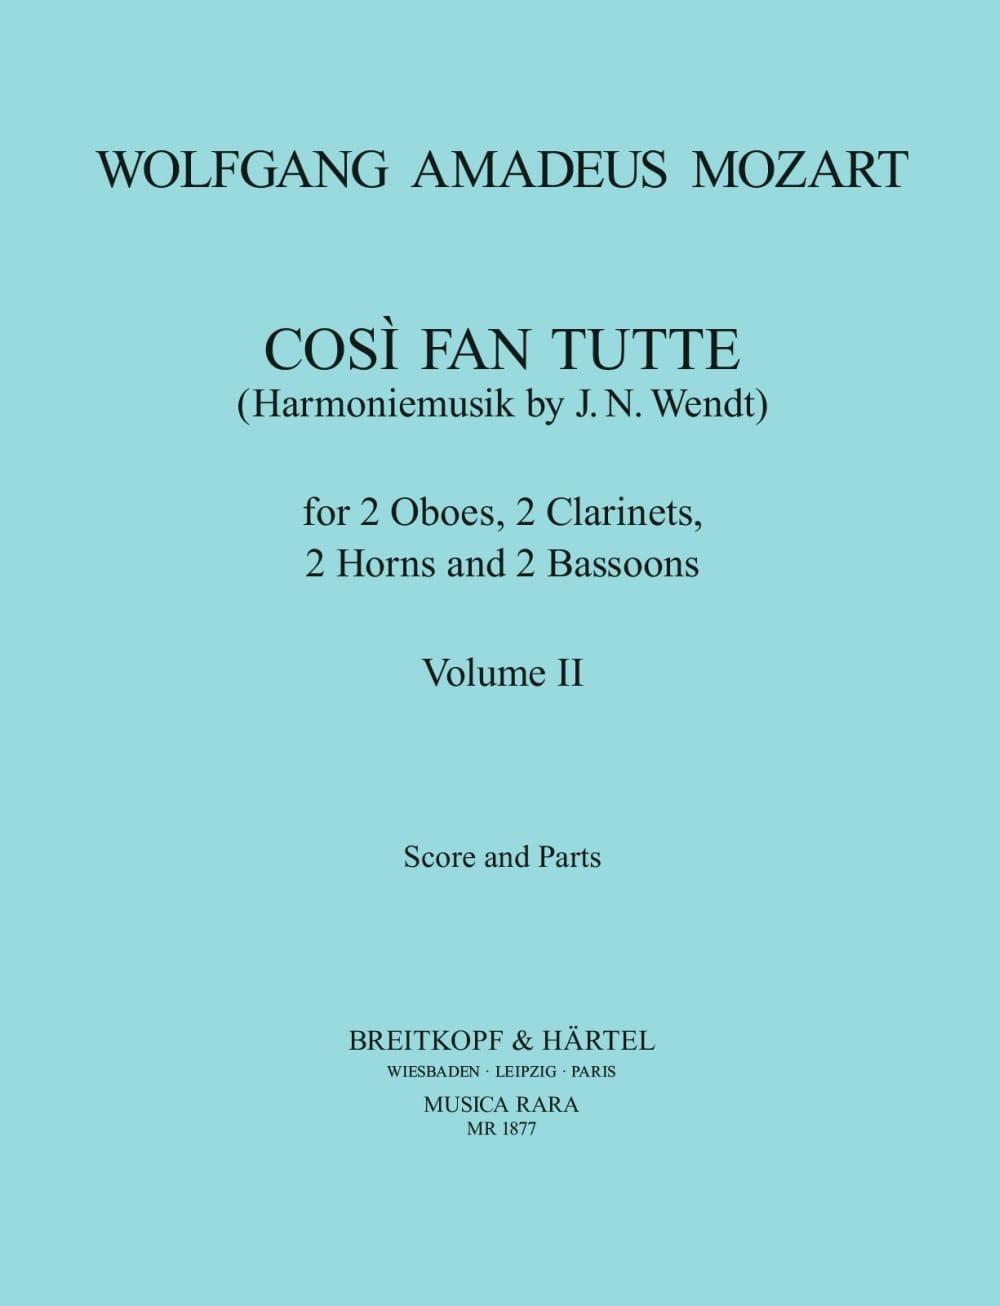 MOZART - Cosi Fan Tutte Volume 2 - Harmoniemusik - Score parts - Partition - di-arezzo.co.uk